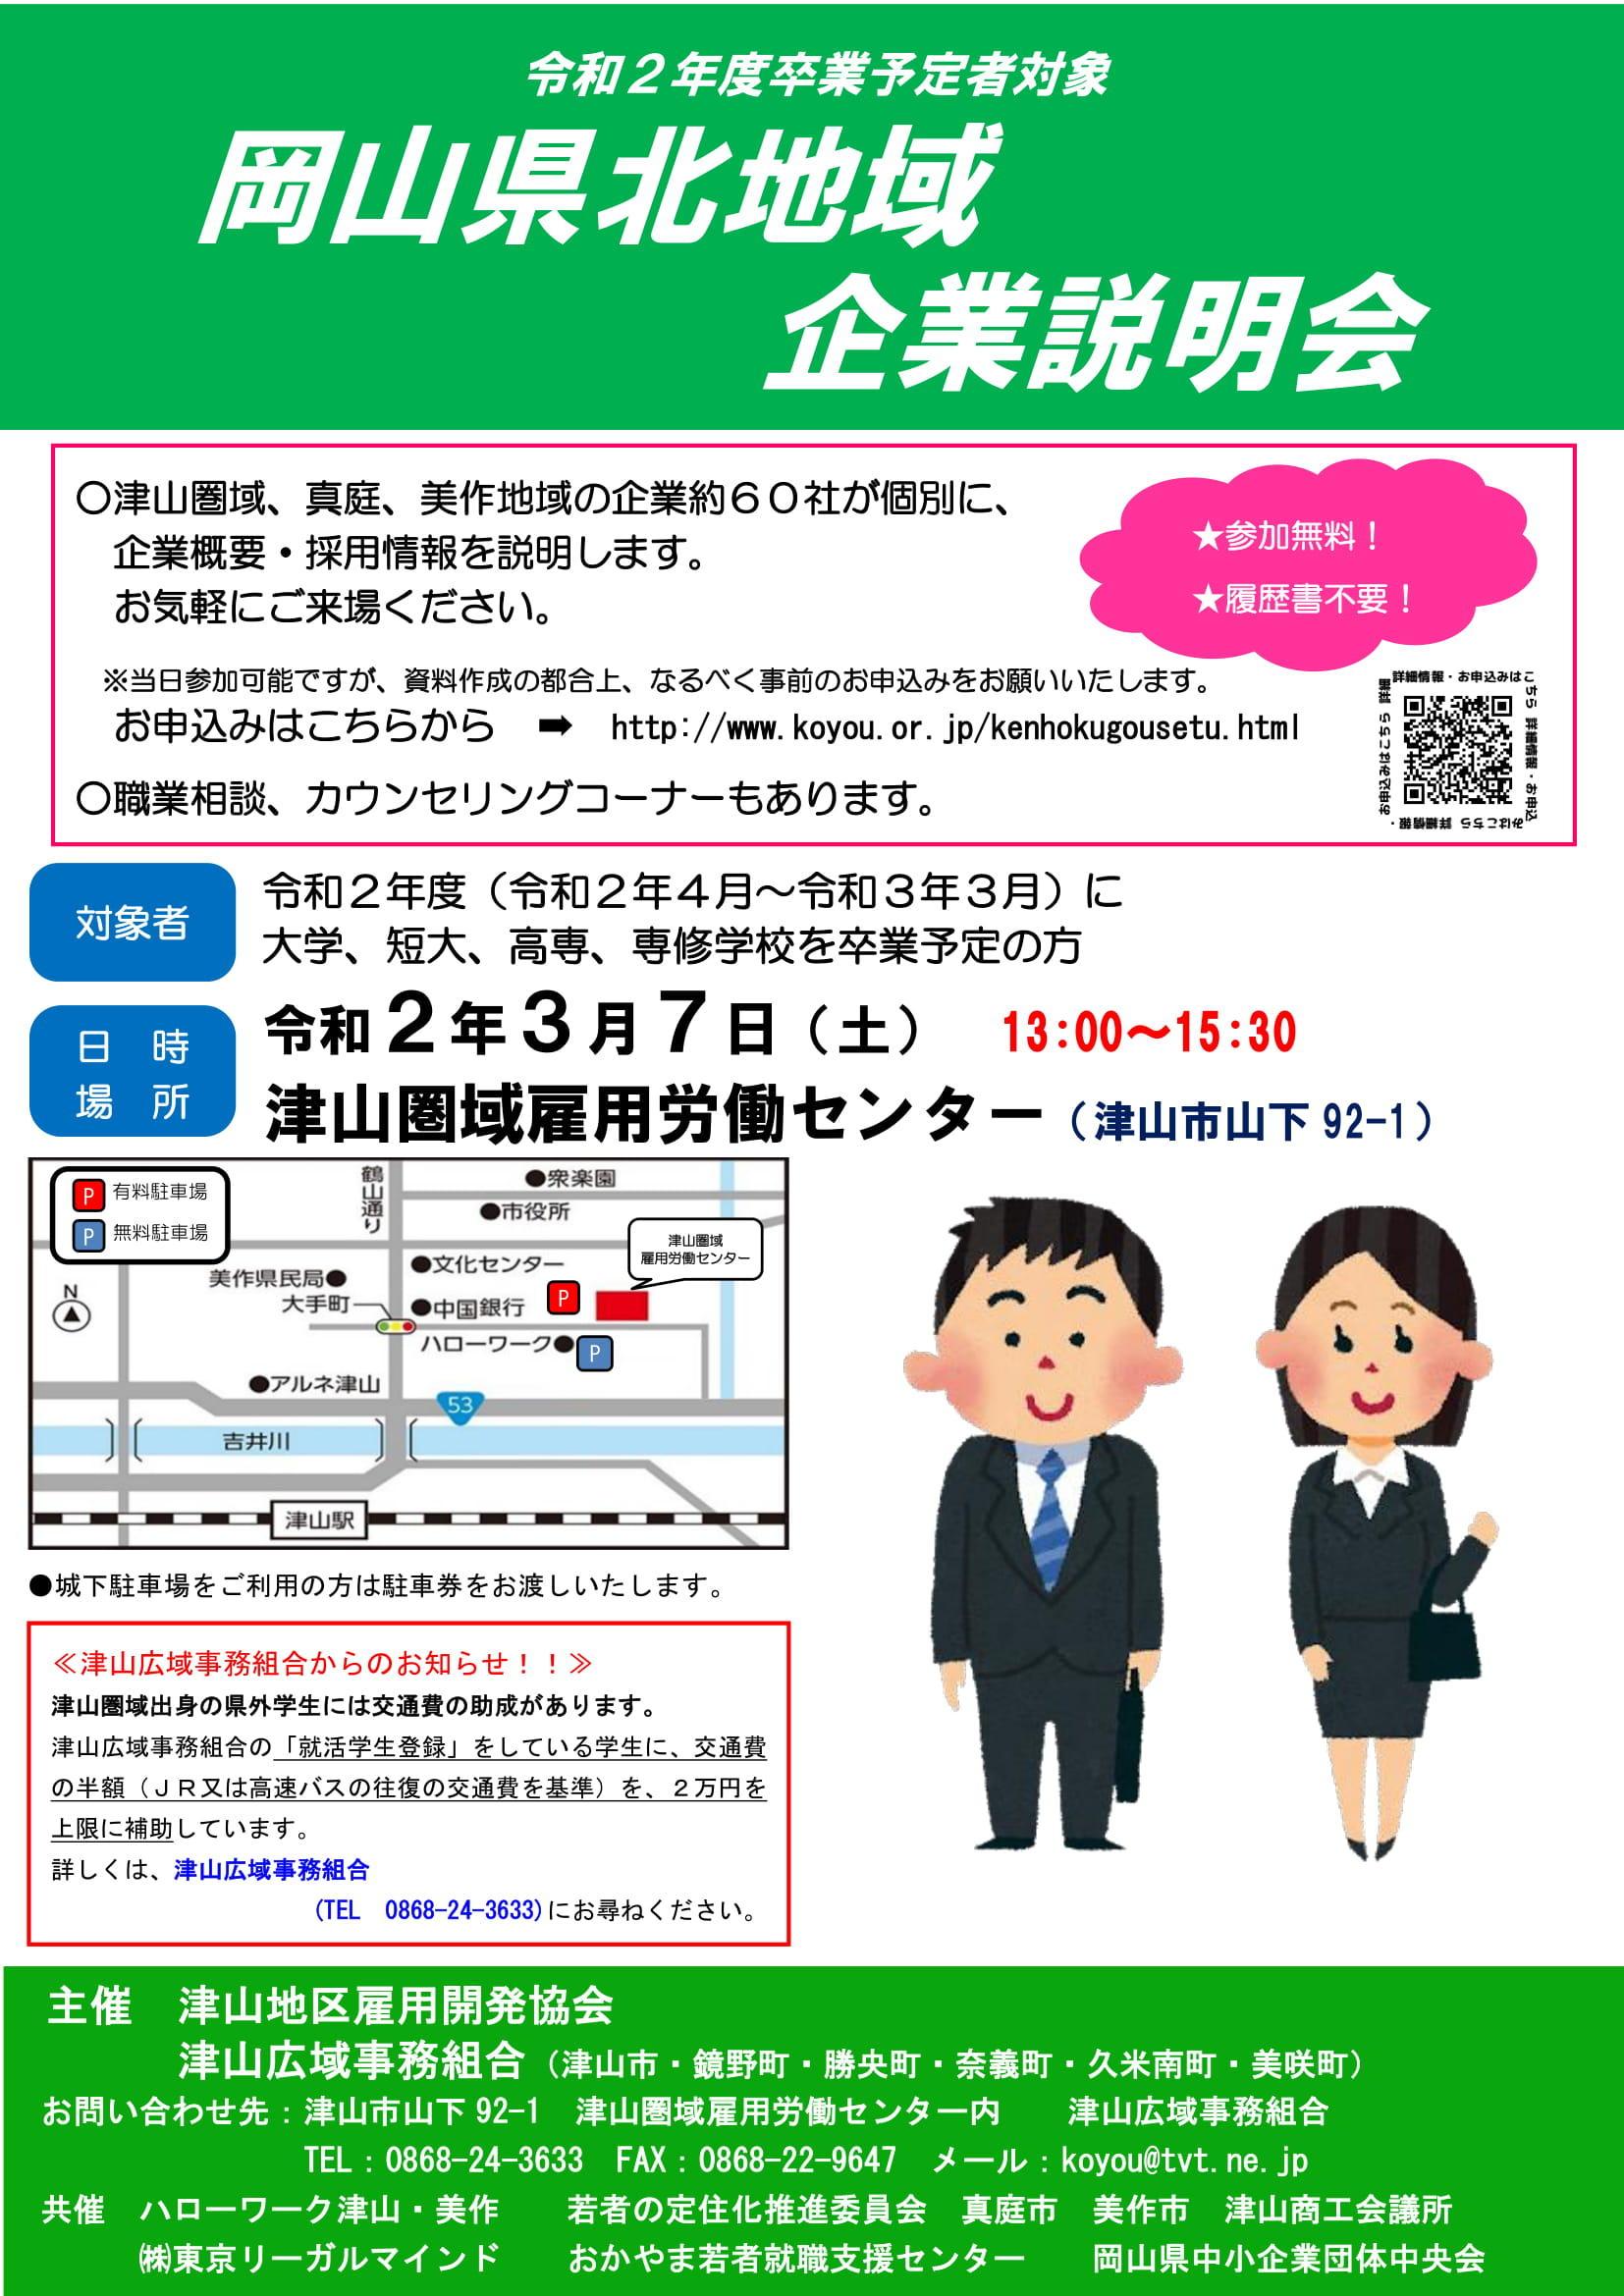 【中止のお知らせ】令和2年3月7日(土)岡山県北地域企業説明会を開催します!!